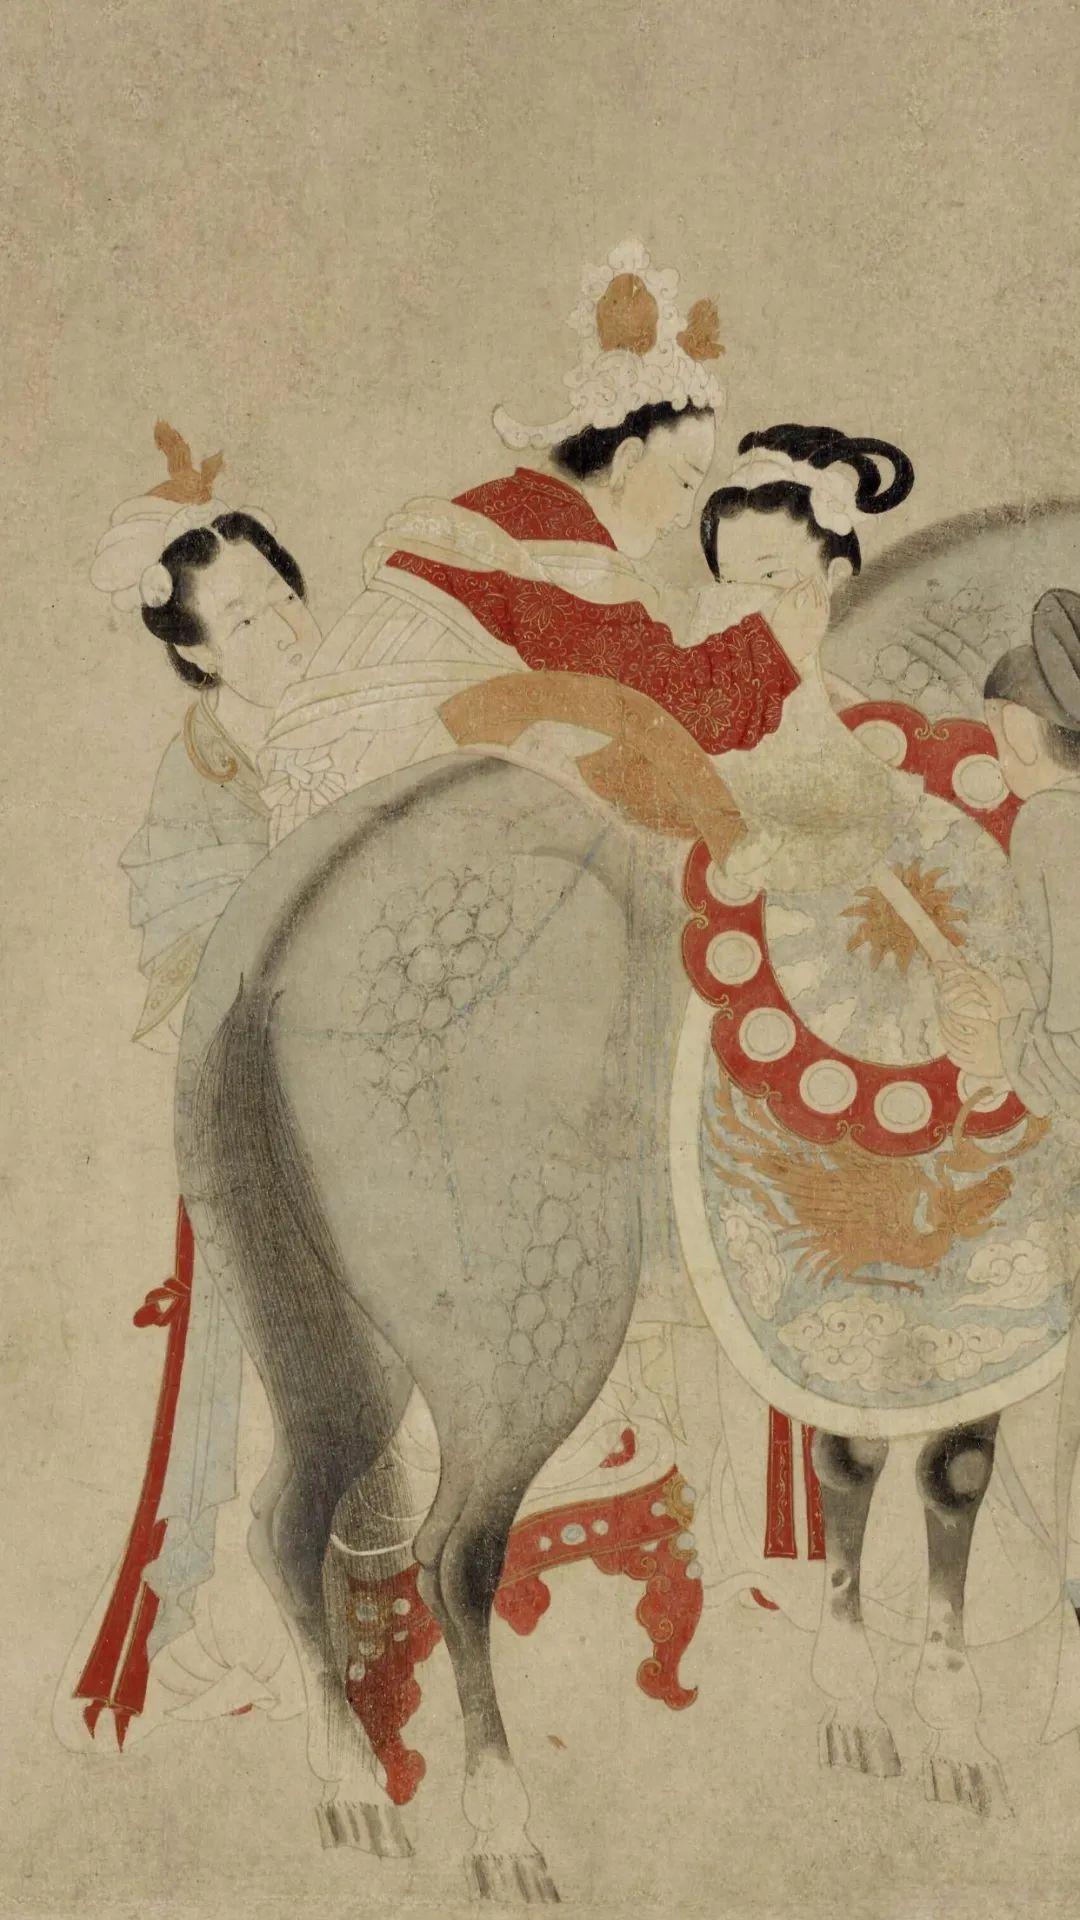 宋末元初 钱选 杨妃上马图卷 弗利尔美术馆藏